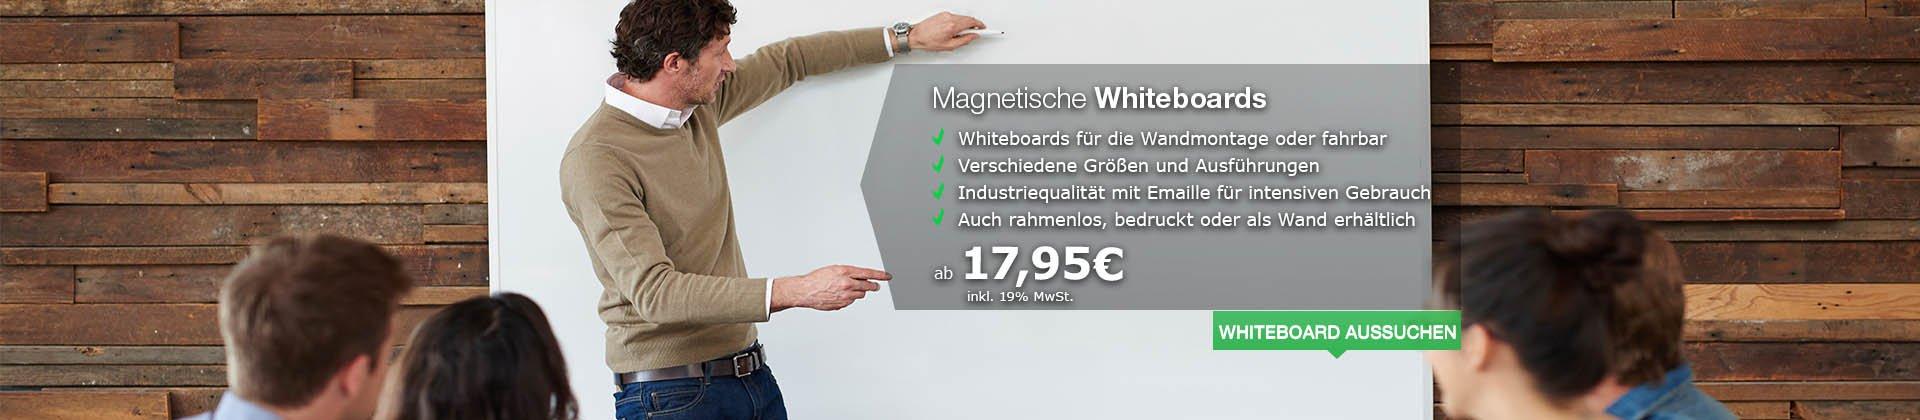 Magnetische Whiteboards in vielen Größen und Varianten für die perfekte Präsentation